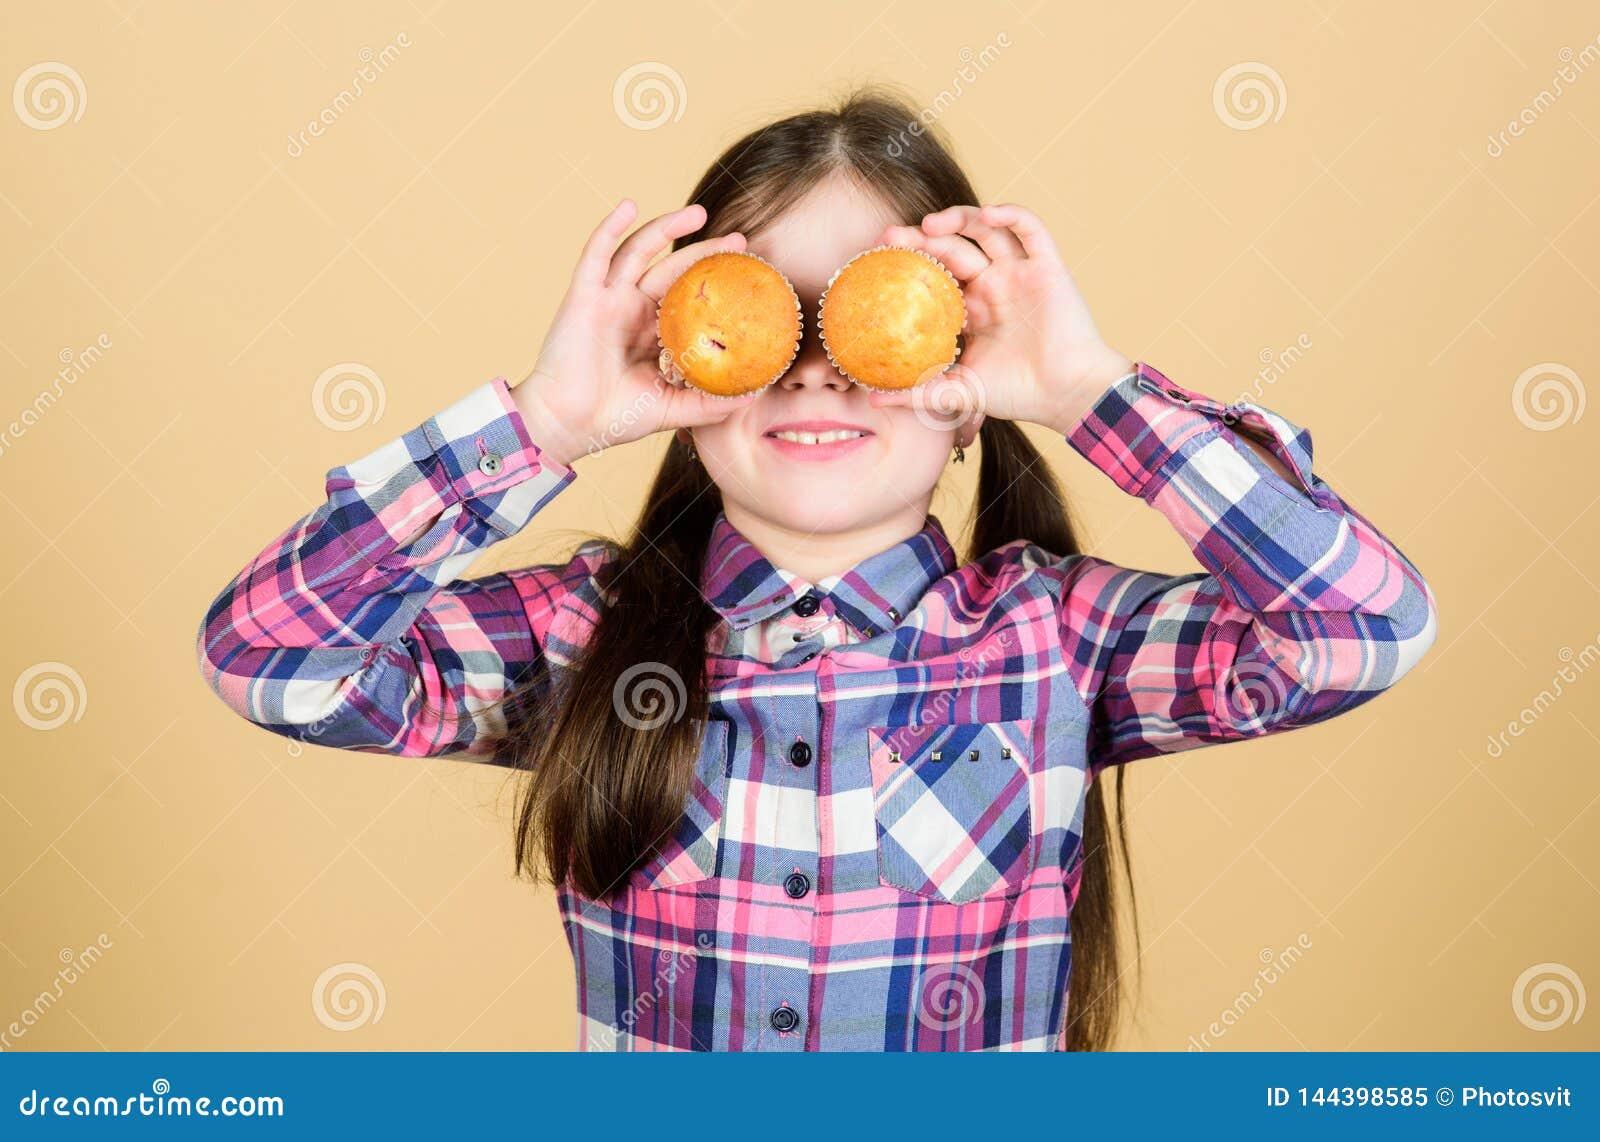 Jong geitje in liefde met muffins Geobsedeerd met eigengemaakt voedsel Dieet gezonde voeding en calorie Yummy muffins Leuk meisje